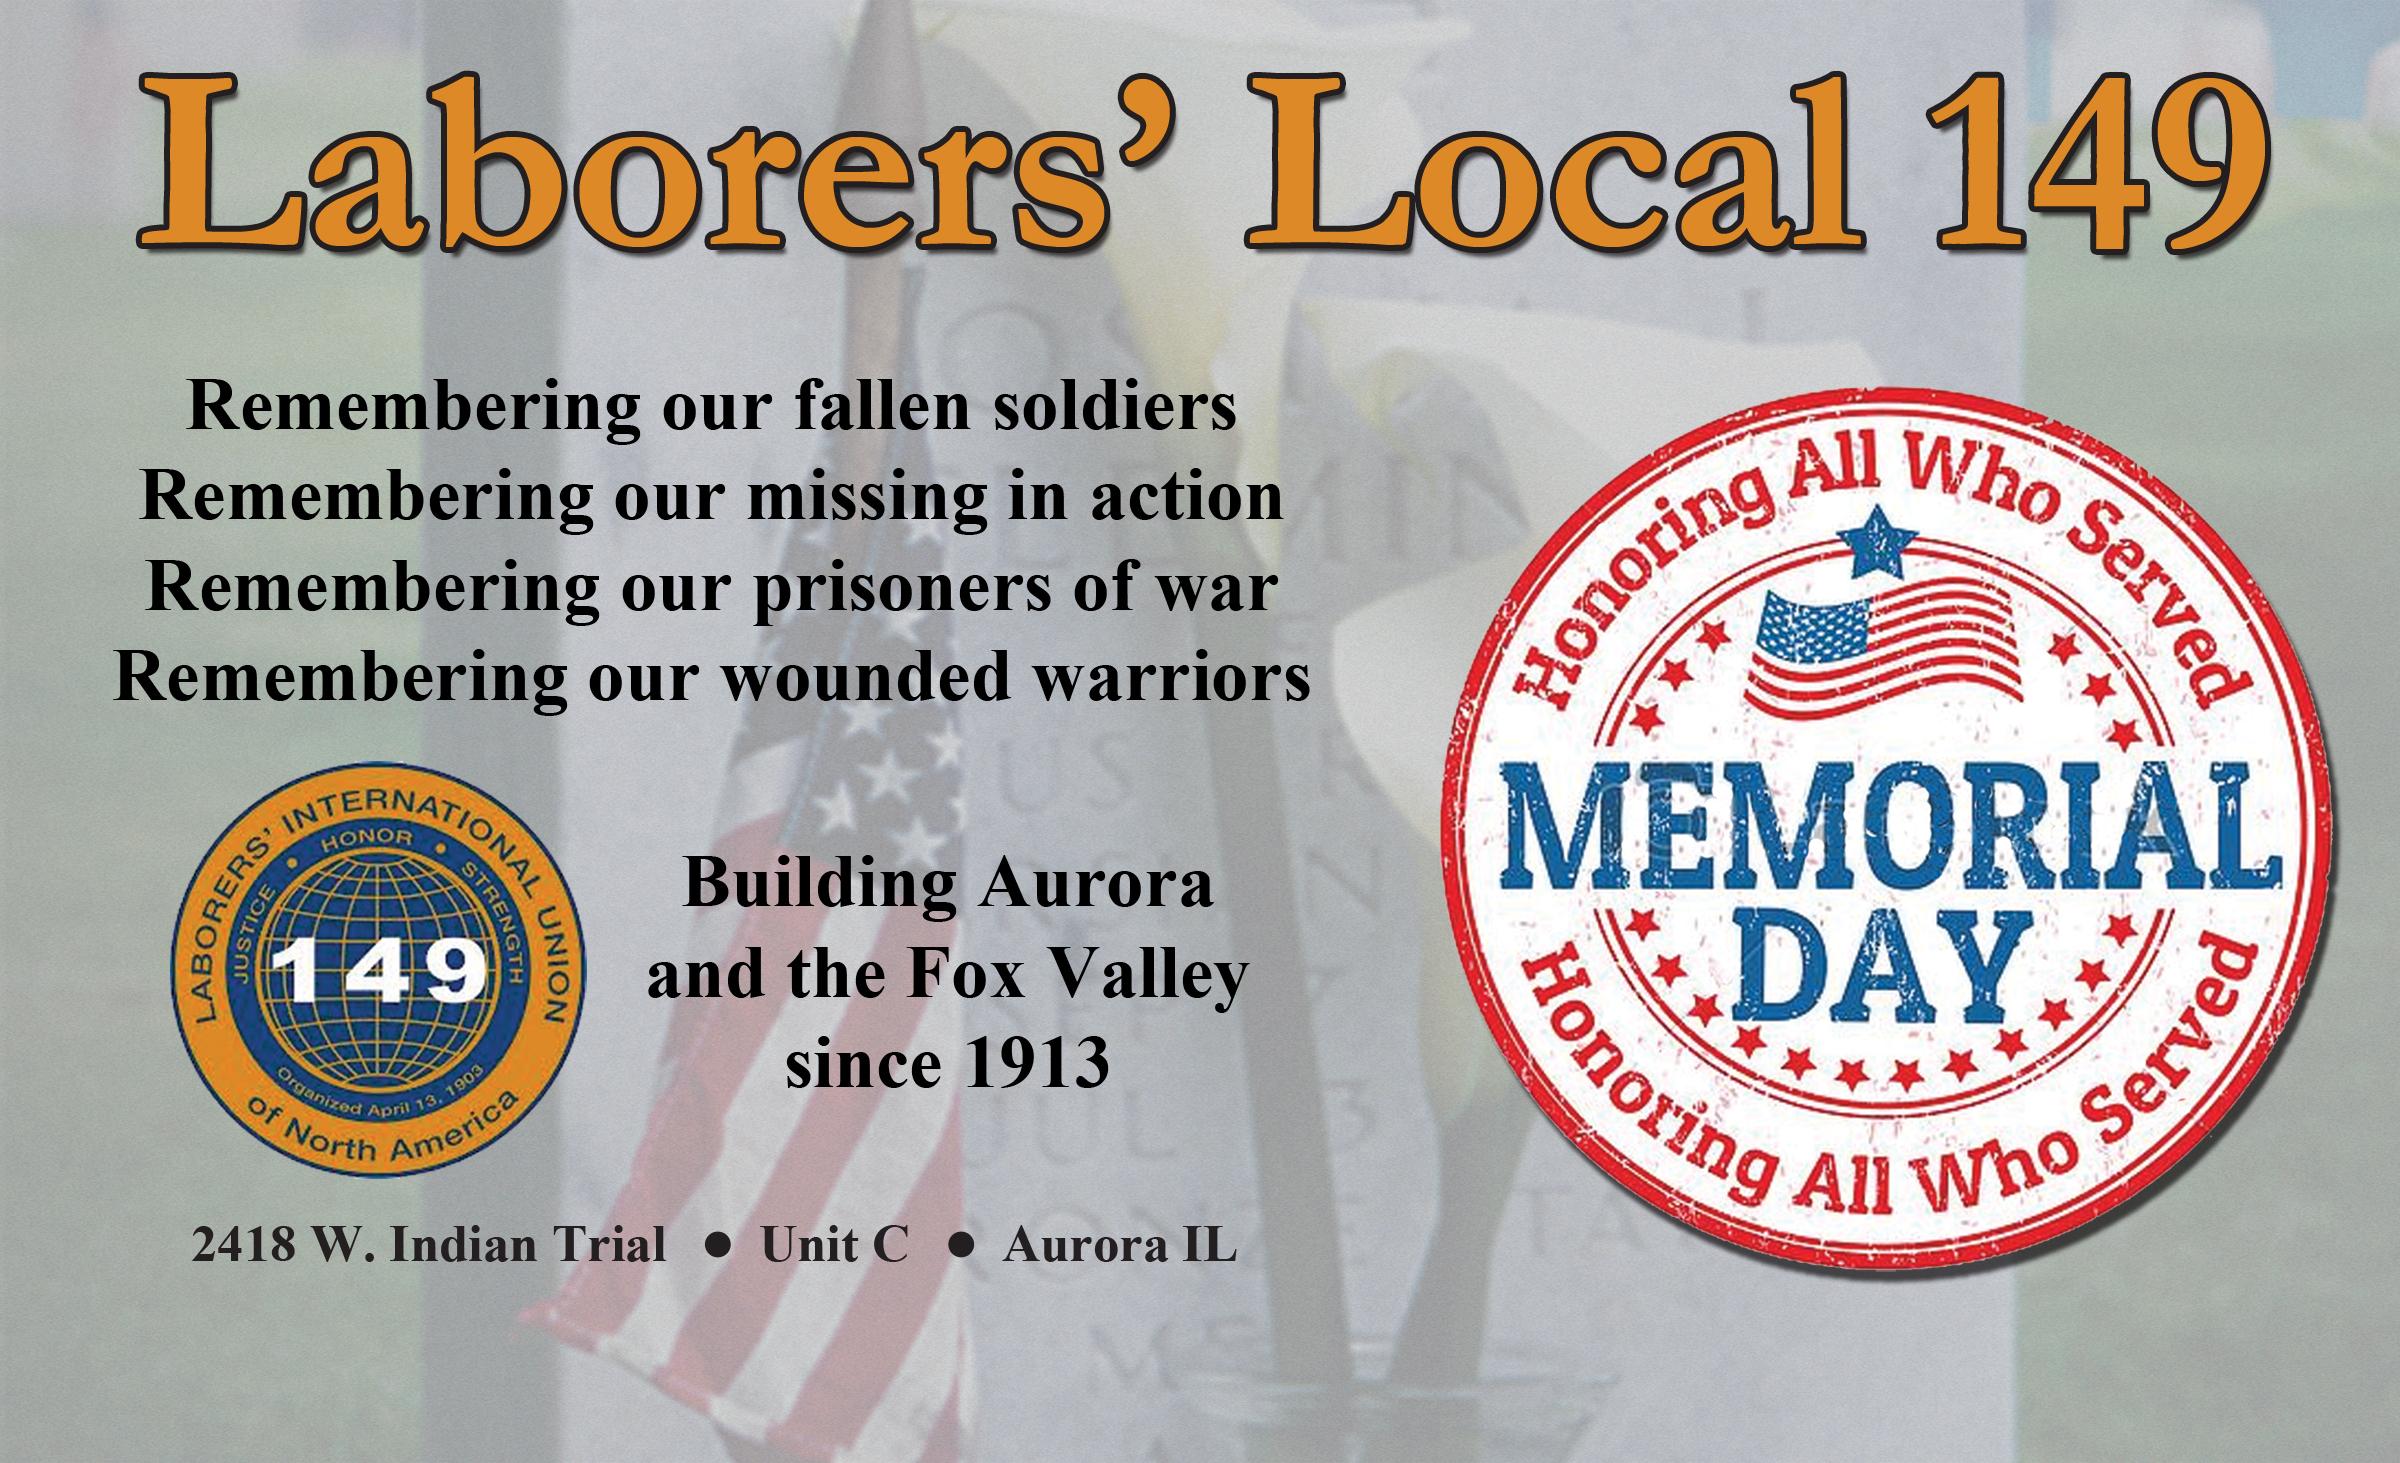 Laborers' Local 149, Aurora, Ill.